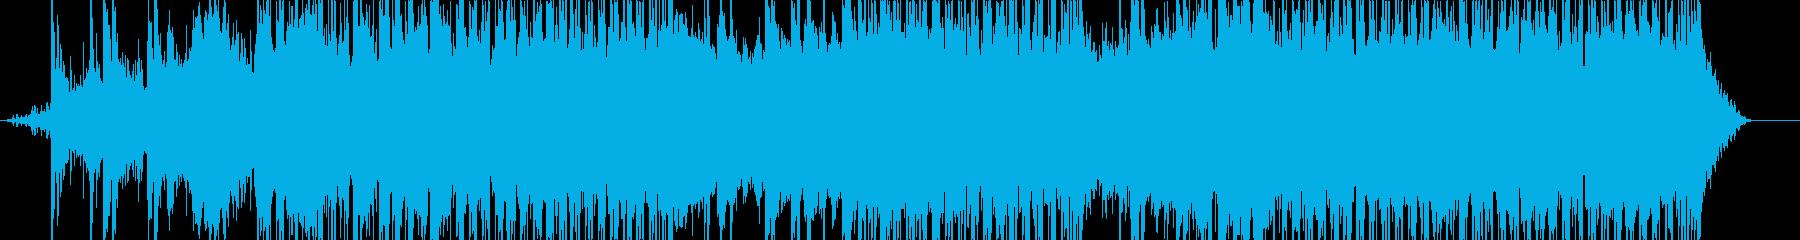 ポップ テクノ ほのぼの 幸せ ゆ...の再生済みの波形